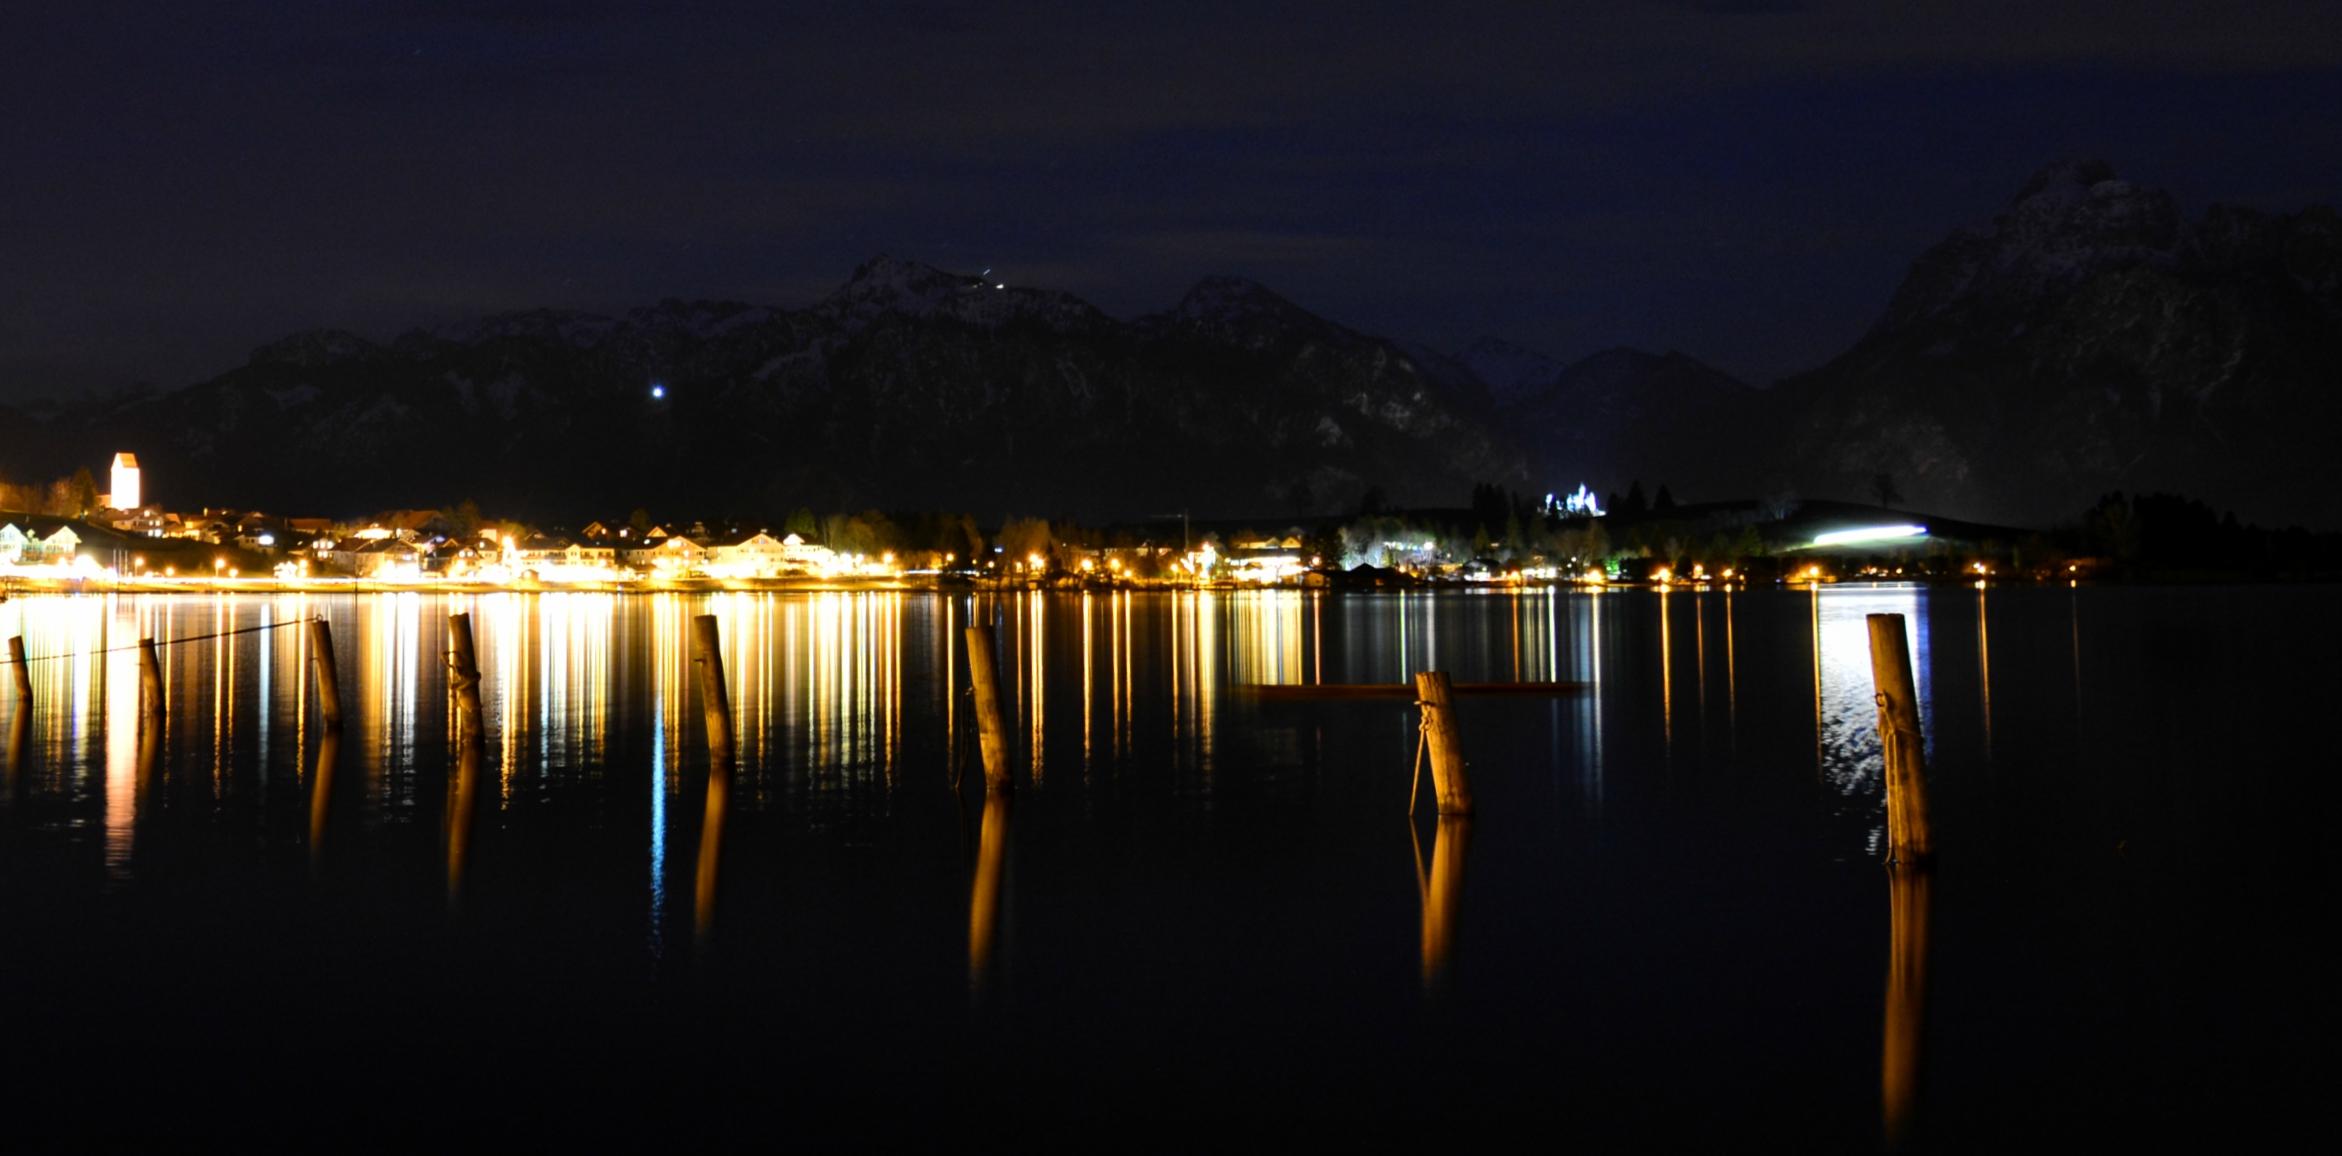 G0266 Lichterspiegelung am Hopfensee.jpg